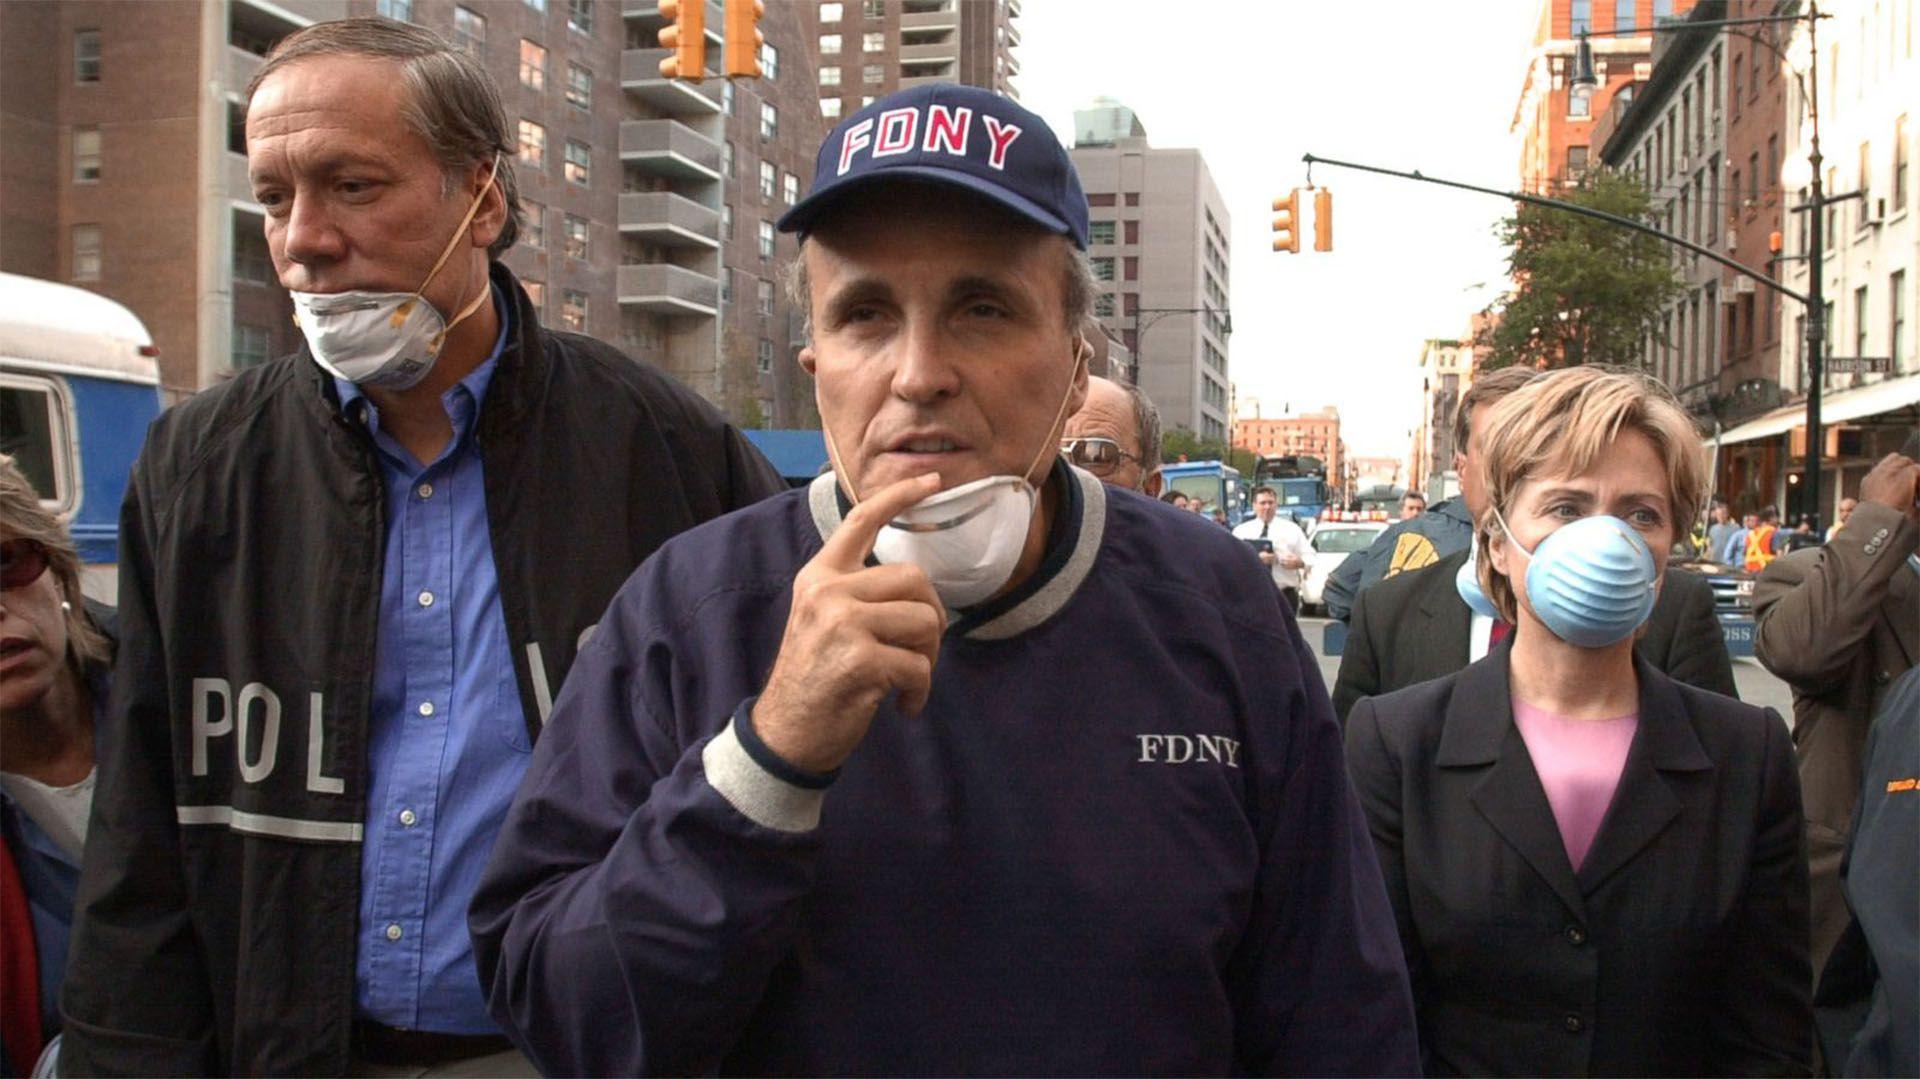 El ex alcalde de la ciudad de New York, Rudy Giuliani, recuerda que las llamas del 11 de septiembre permanecen aún con él todos los días, y que el trágico ataque representó lo peor y lo mejor de la humanidad. A su lado, una joven Hillary Clinton.